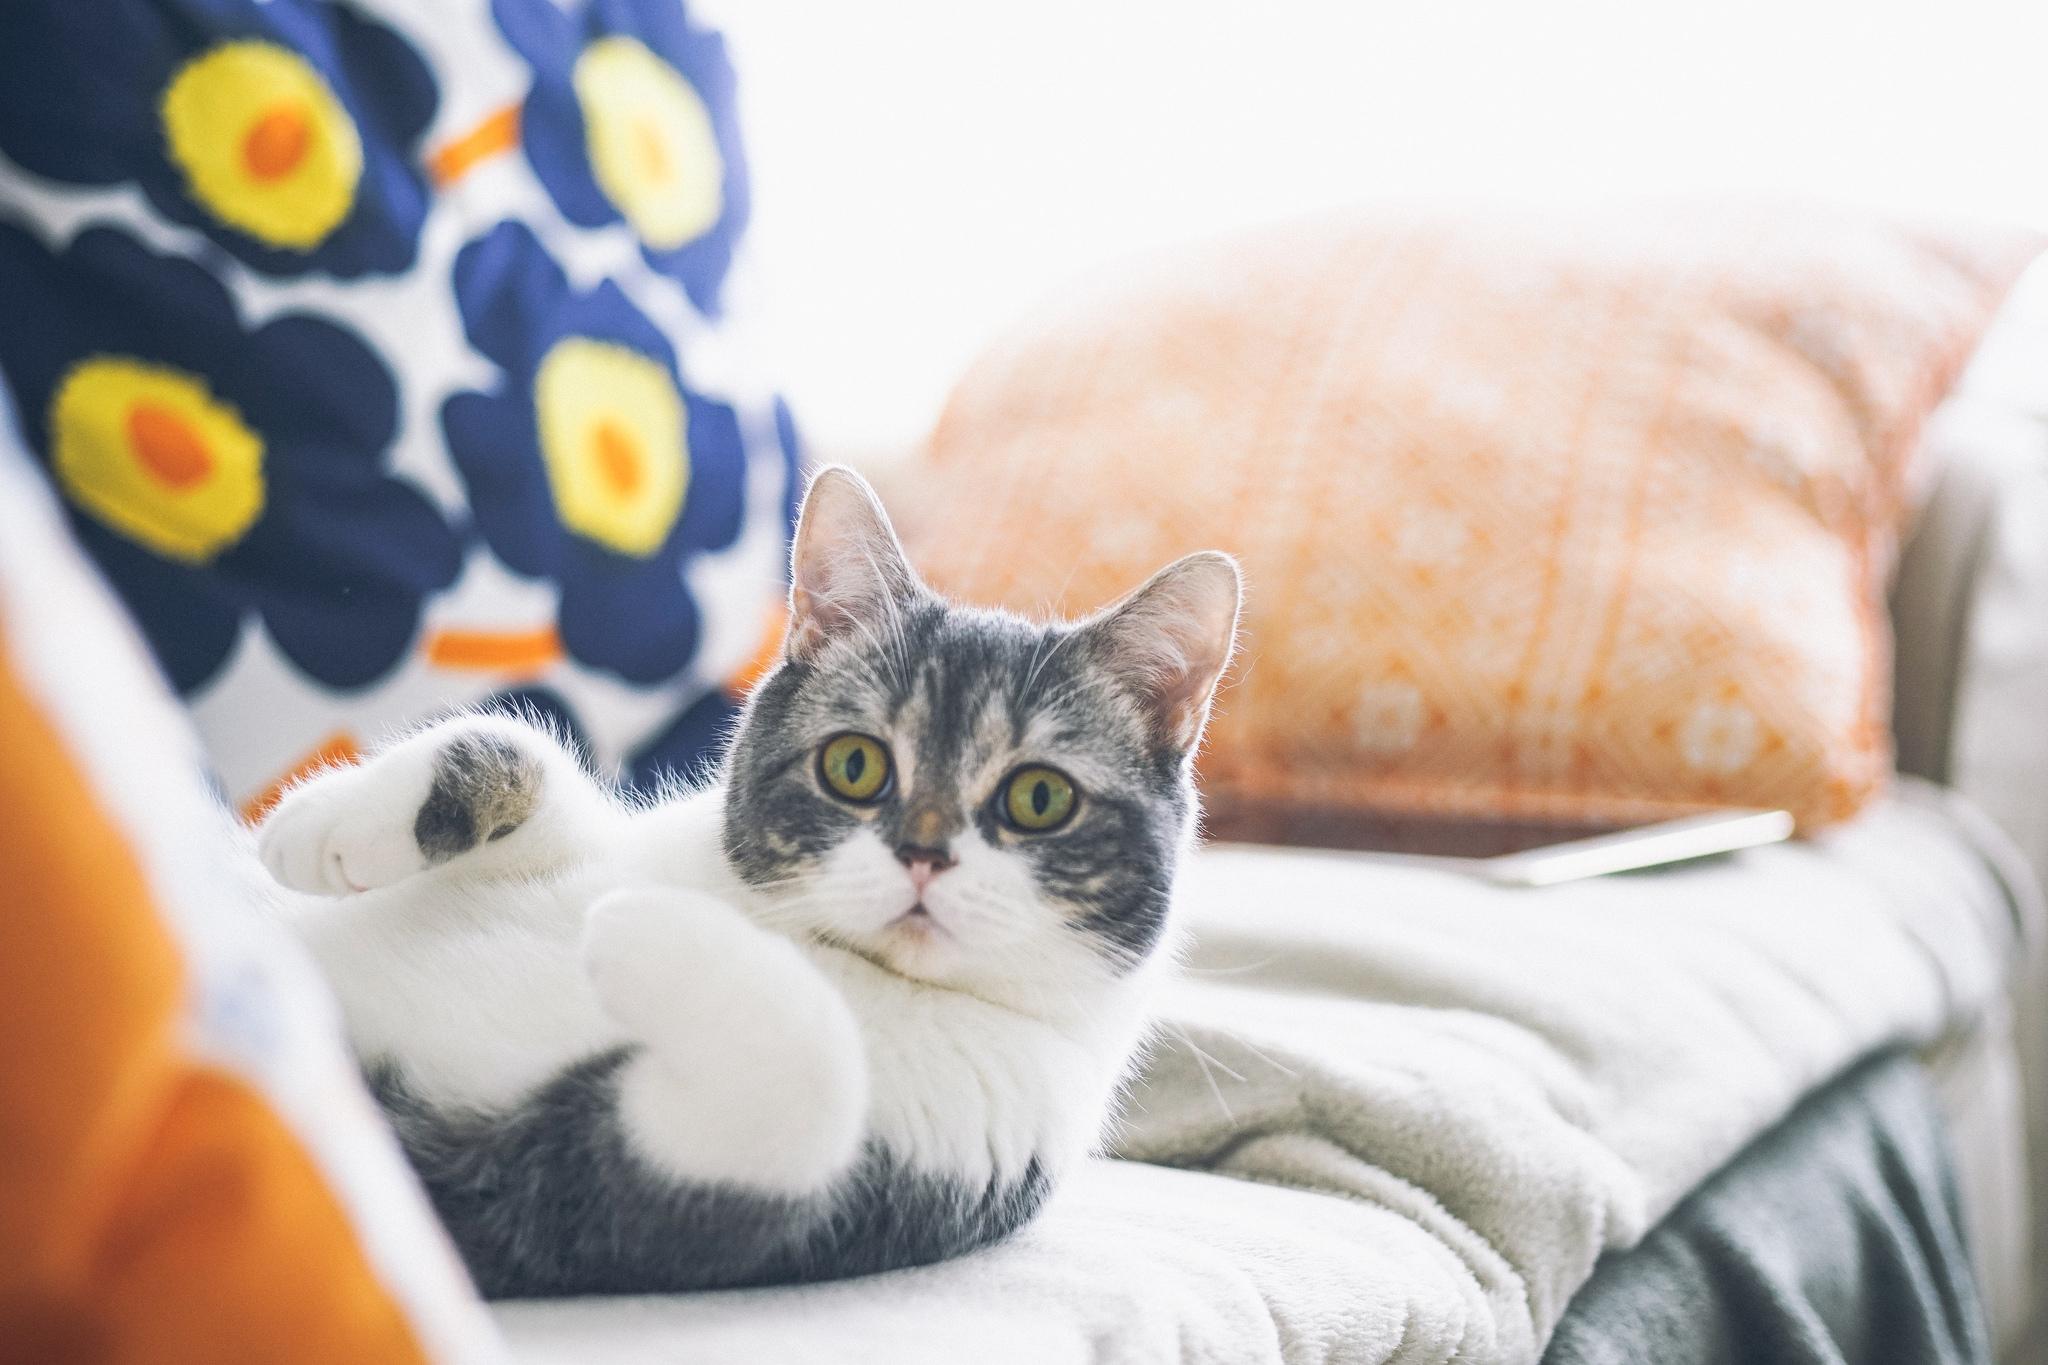 упитанный кот лапки  № 2866422 загрузить